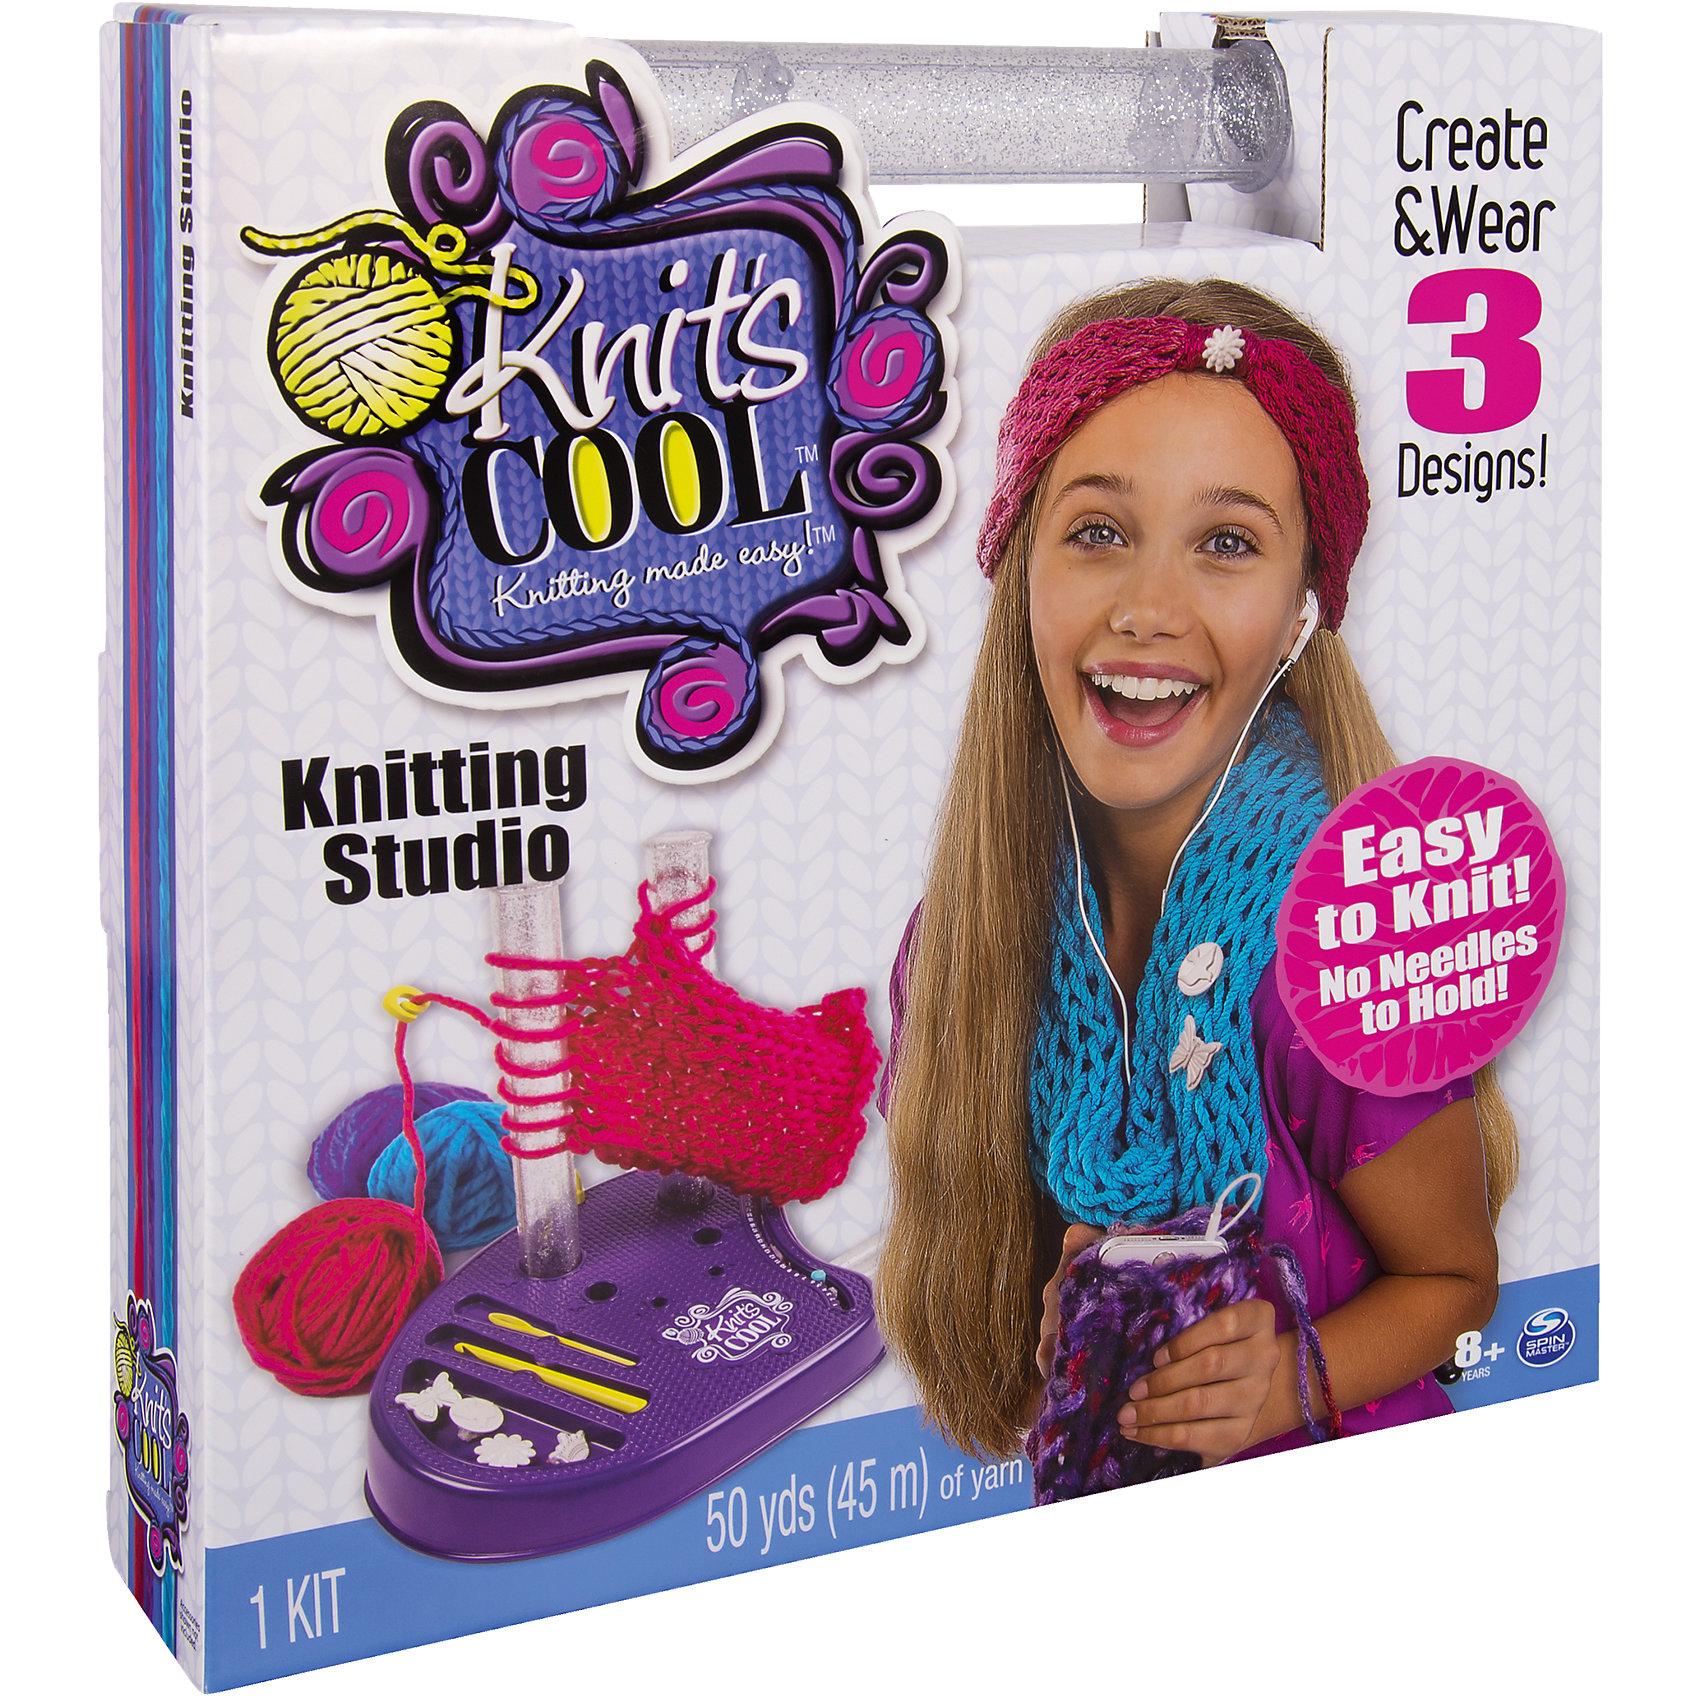 Студия вязания, Knits CoolИдеи подарков<br>Студия вязания, Knits Cool (Нитс Кул) – этот набор порадует любительниц необычного вязания.<br>Замечательная новинка Студия вязания от компании Spin Master поможет юным модницам создавать по-настоящему прекрасные вещи, которые можно носить! Только представьте себе, что девочка самостоятельно связала себе модный ободок на голову, теплый шарфик или же чехол для телефона. Теперь связать практически любой аксессуар, можно даже не учась вязанию спицами или крючком. С набором для вязания Нитс Кул процесс вязания будет простым и увлекательным, а если возникнут какие-либо трудности, подробная инструкция поможет их преодолеть. Студия вязания, Knits Cool (Нитс Кул) представляет собой подставку, на которую устанавливаются два столбика для вязания, нитки со столбиков нужно будет поочередно перекидывать, в результате чего будет получаться петля, а за ней и целый ряд. Всего в наборе три пары столбиков, меняя которые, будут получаться петли различного размера. Для того, чтобы ряд был ровным, в наборе идет крючок-держатель, ровно фиксирующий нить. В наборе также имеются устройство для подсчёта рядов, крючок и игла для завершения изделия. Все дополнительные приспособления имеют каждый свой отсек в подставке, что позволяет все необходимое держать под рукой. Завершая изделие, можно украсить его декоративными пуговицами/шармами из набора. Если моток ниток подойдет к концу, он без труда заменяется на любые другие нитки, продающиеся в швейных магазинах. Вы можете расширить возможности студии с помощью дополнительных наборов серии Knits Cool. Набор поможет развить внимание, усидчивость, фантазию и мелкую моторику вашего ребёнка.<br><br>Дополнительная информация:<br><br>- В наборе: платформа для вязания, 3 комплекта вязальных столбиков, 3 мотка ниток (2 по 18 метров и один девятиметровой), 4 декоративные пуговицы, крючок-держатель для нитки, крючок, игла, инструкция<br>- Размер коробки: 30,8 х 28,8 х 30,2 см.<br>- Вес: 605 гр.<br><br>Набор Студия 